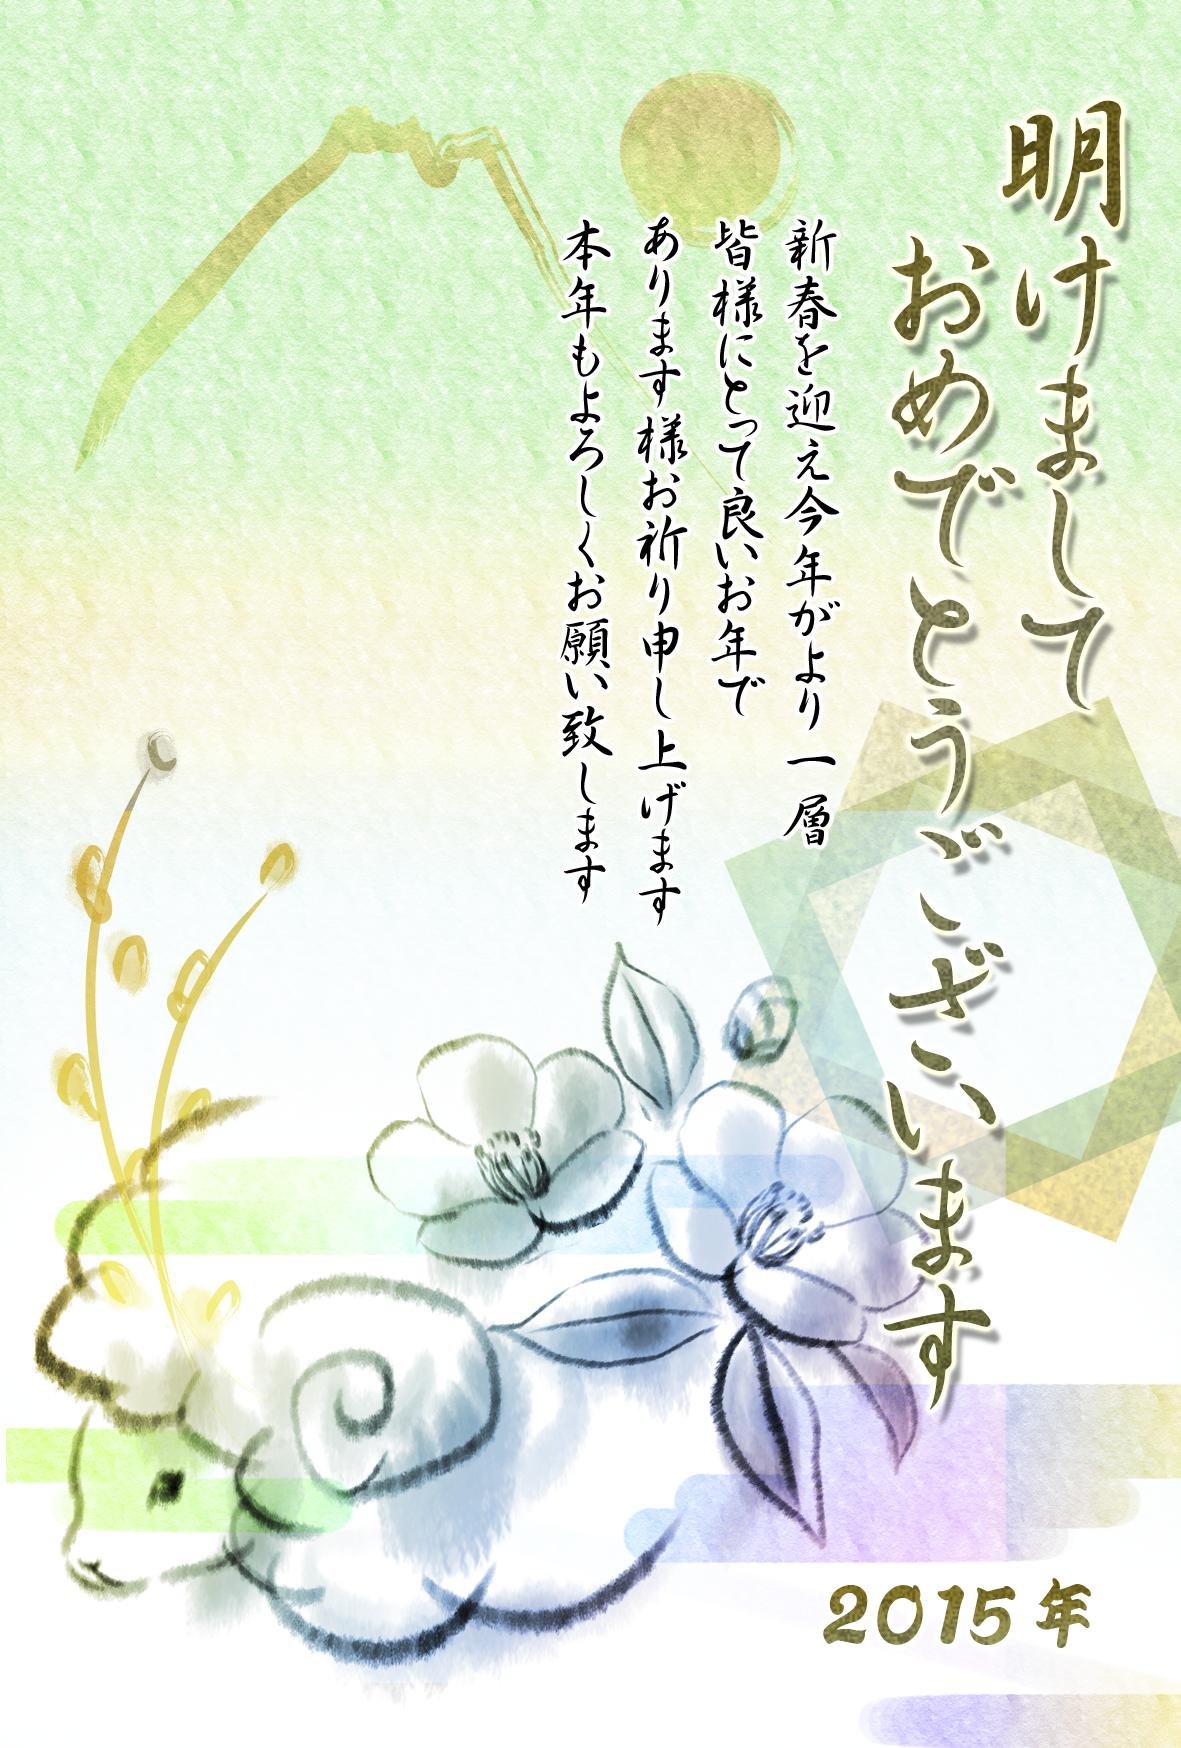 2015年_未年(羊)年賀状テンプレート : 酉年の年賀状が無料で使えるサイト